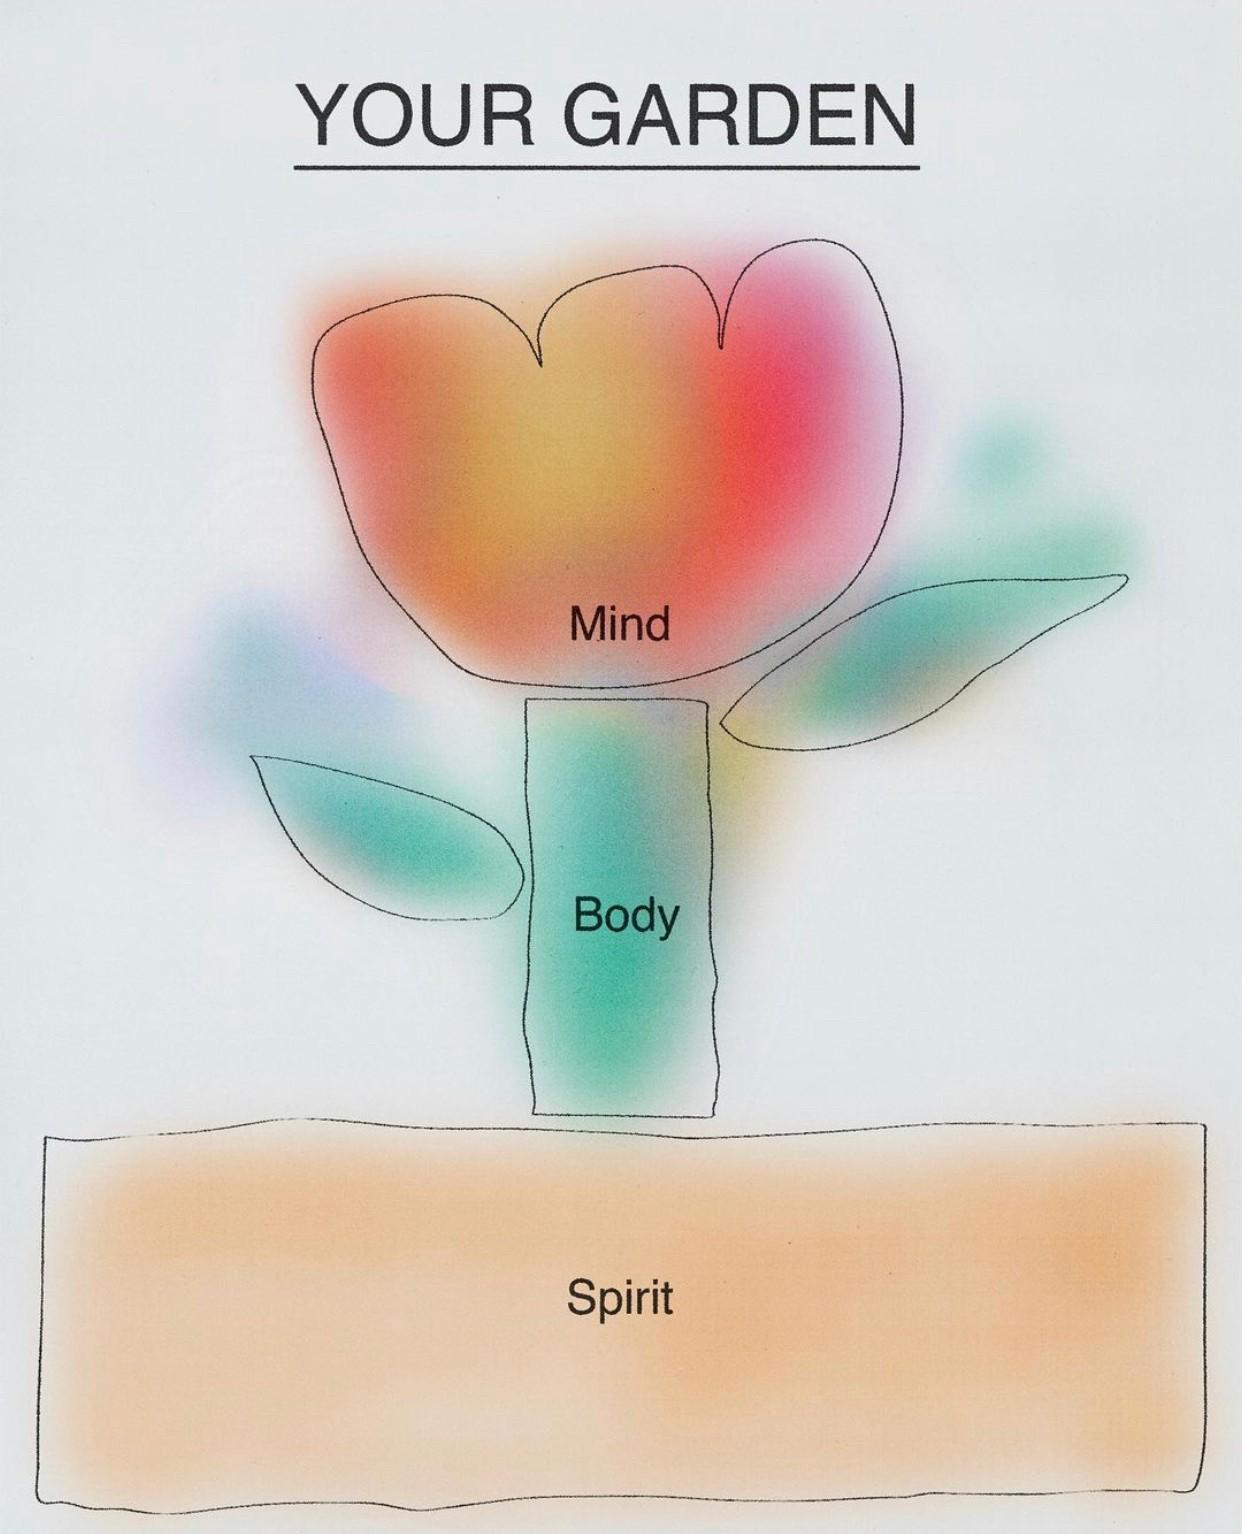 your garden- mind, body, spirit